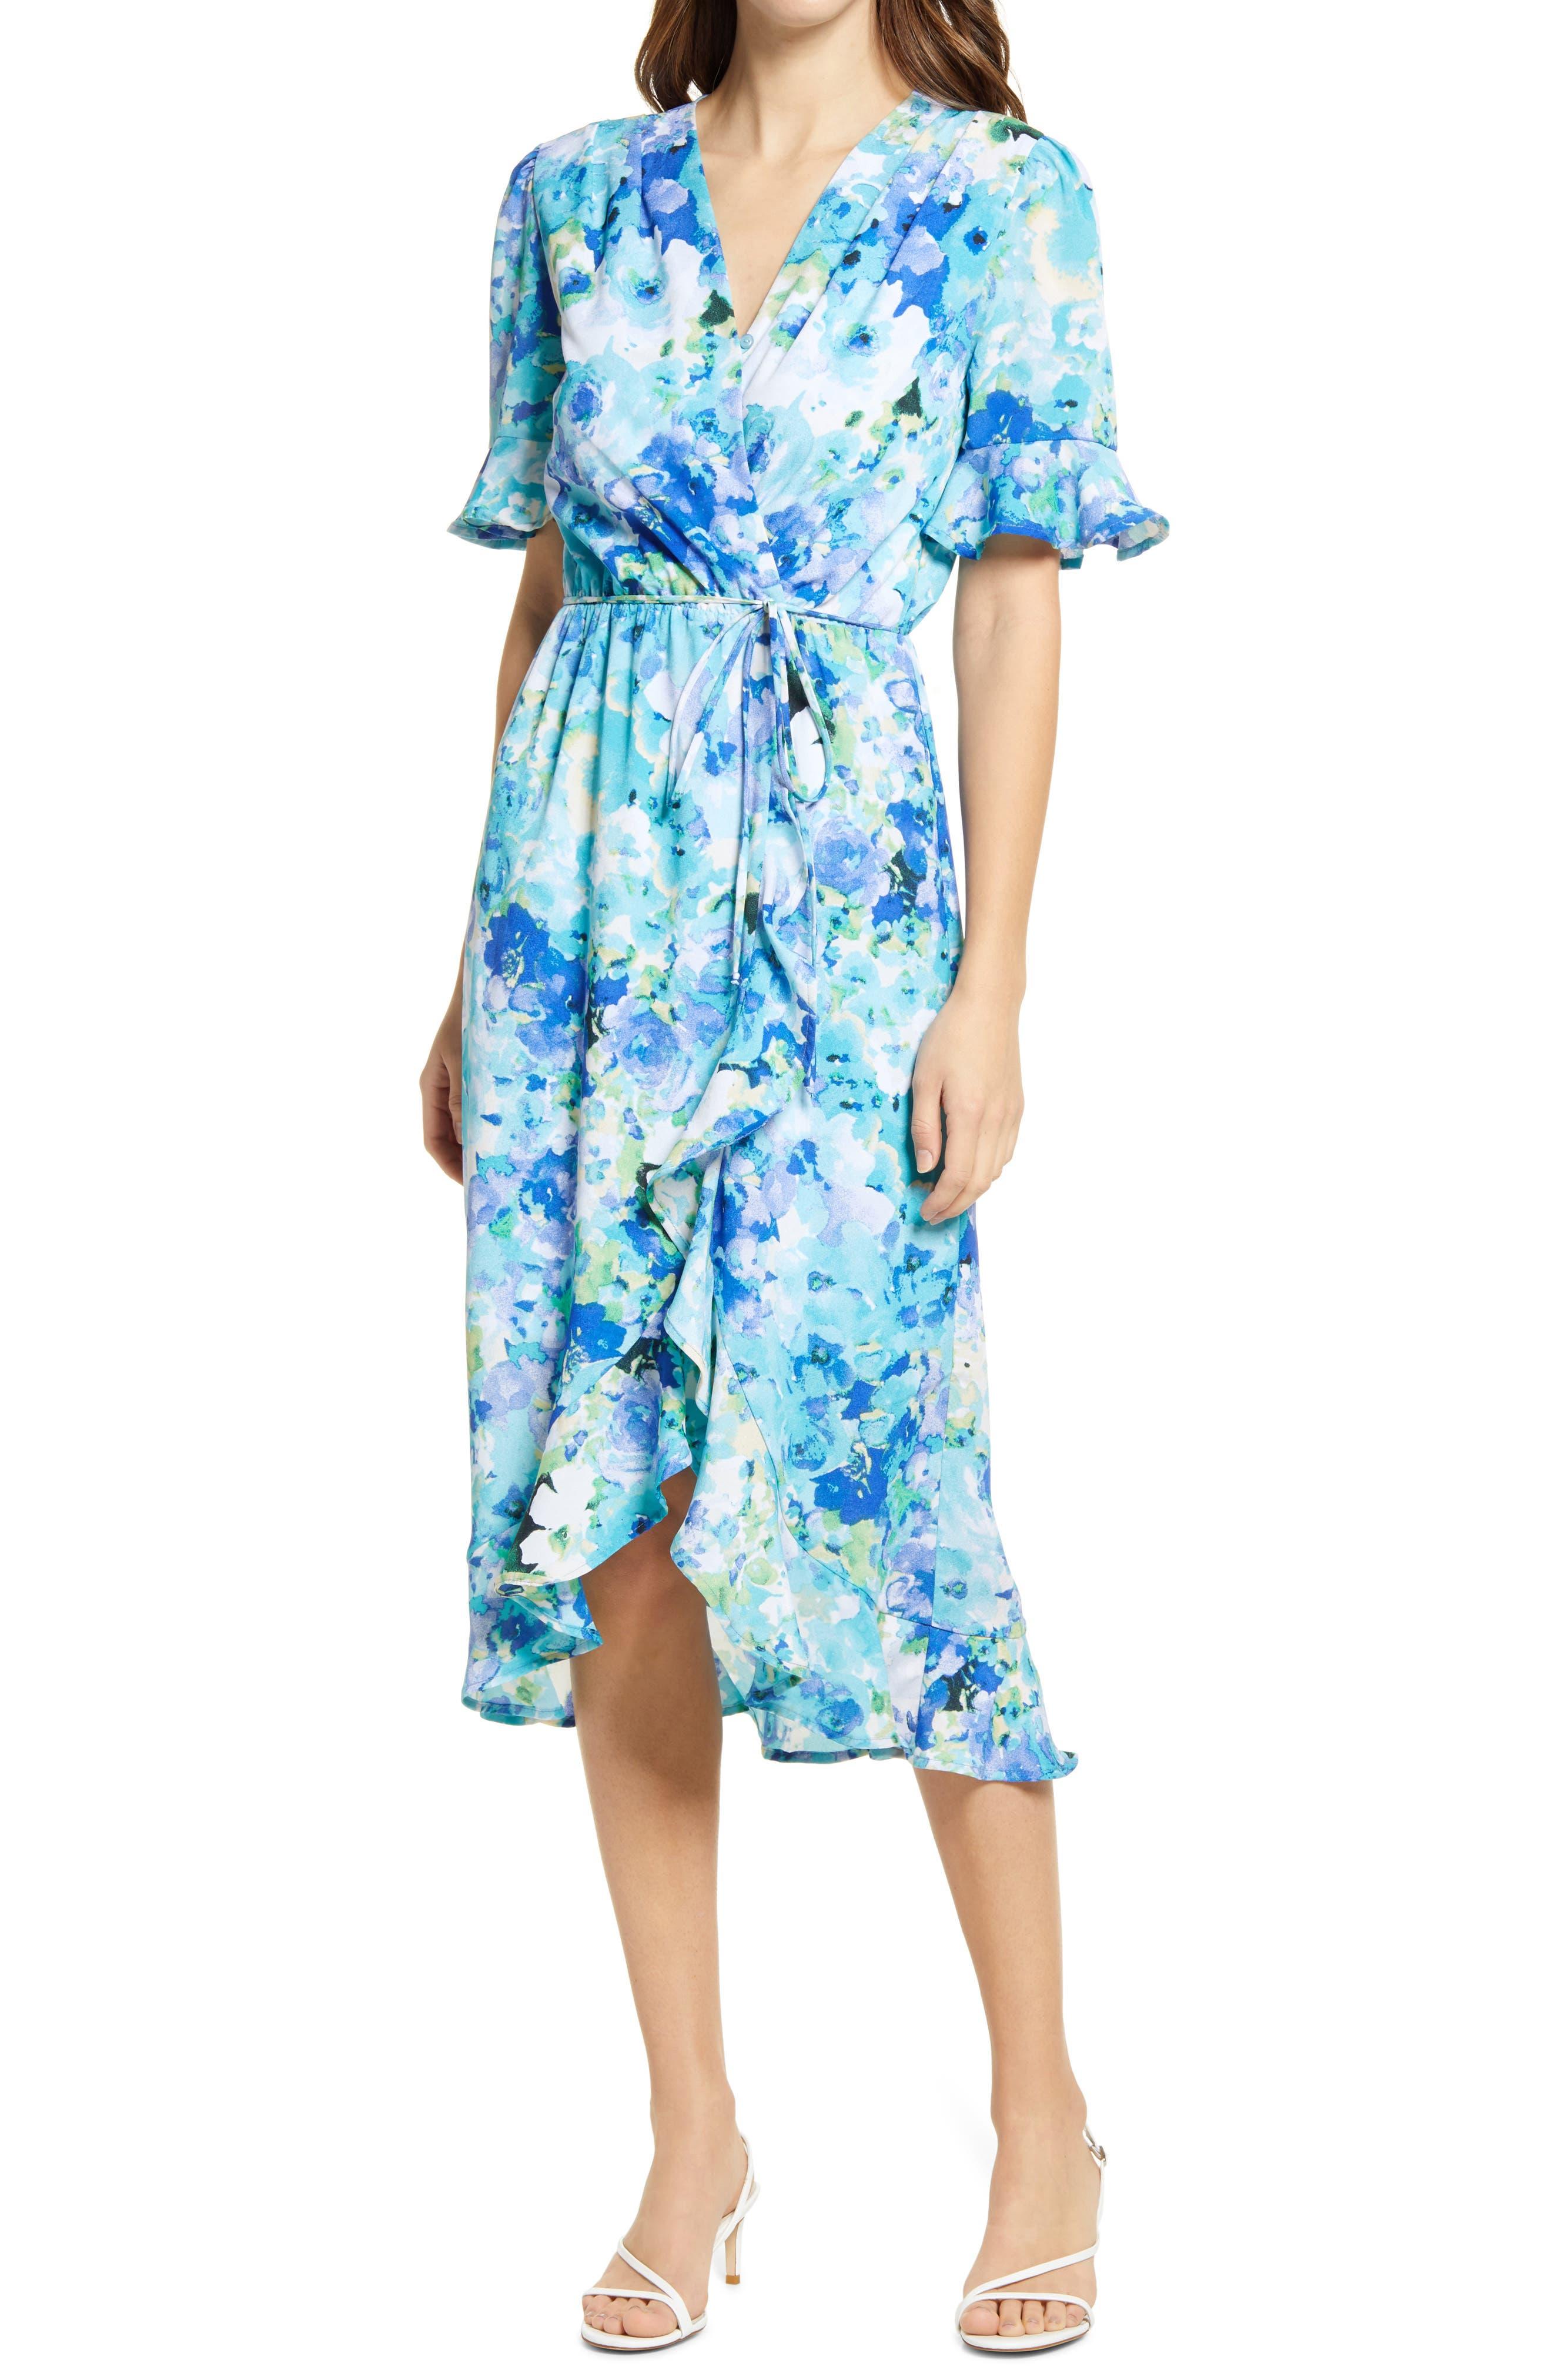 Paran Floral Print High/low Faux Wrap Dress